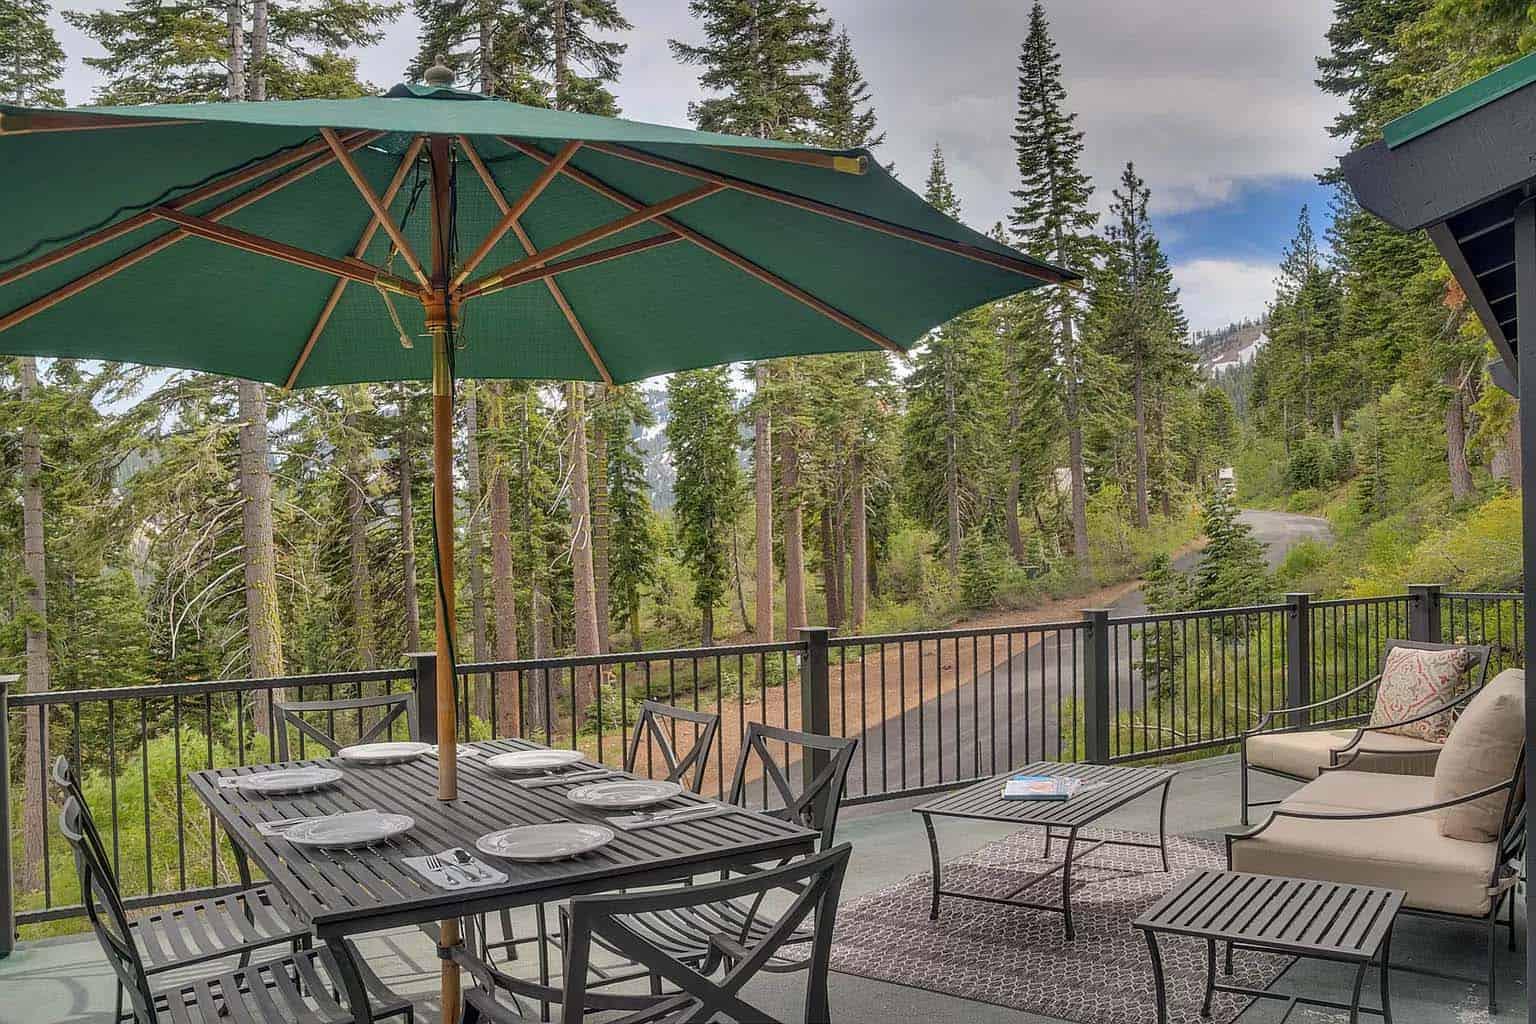 montagne-chalet-moderne-exterieur-patio